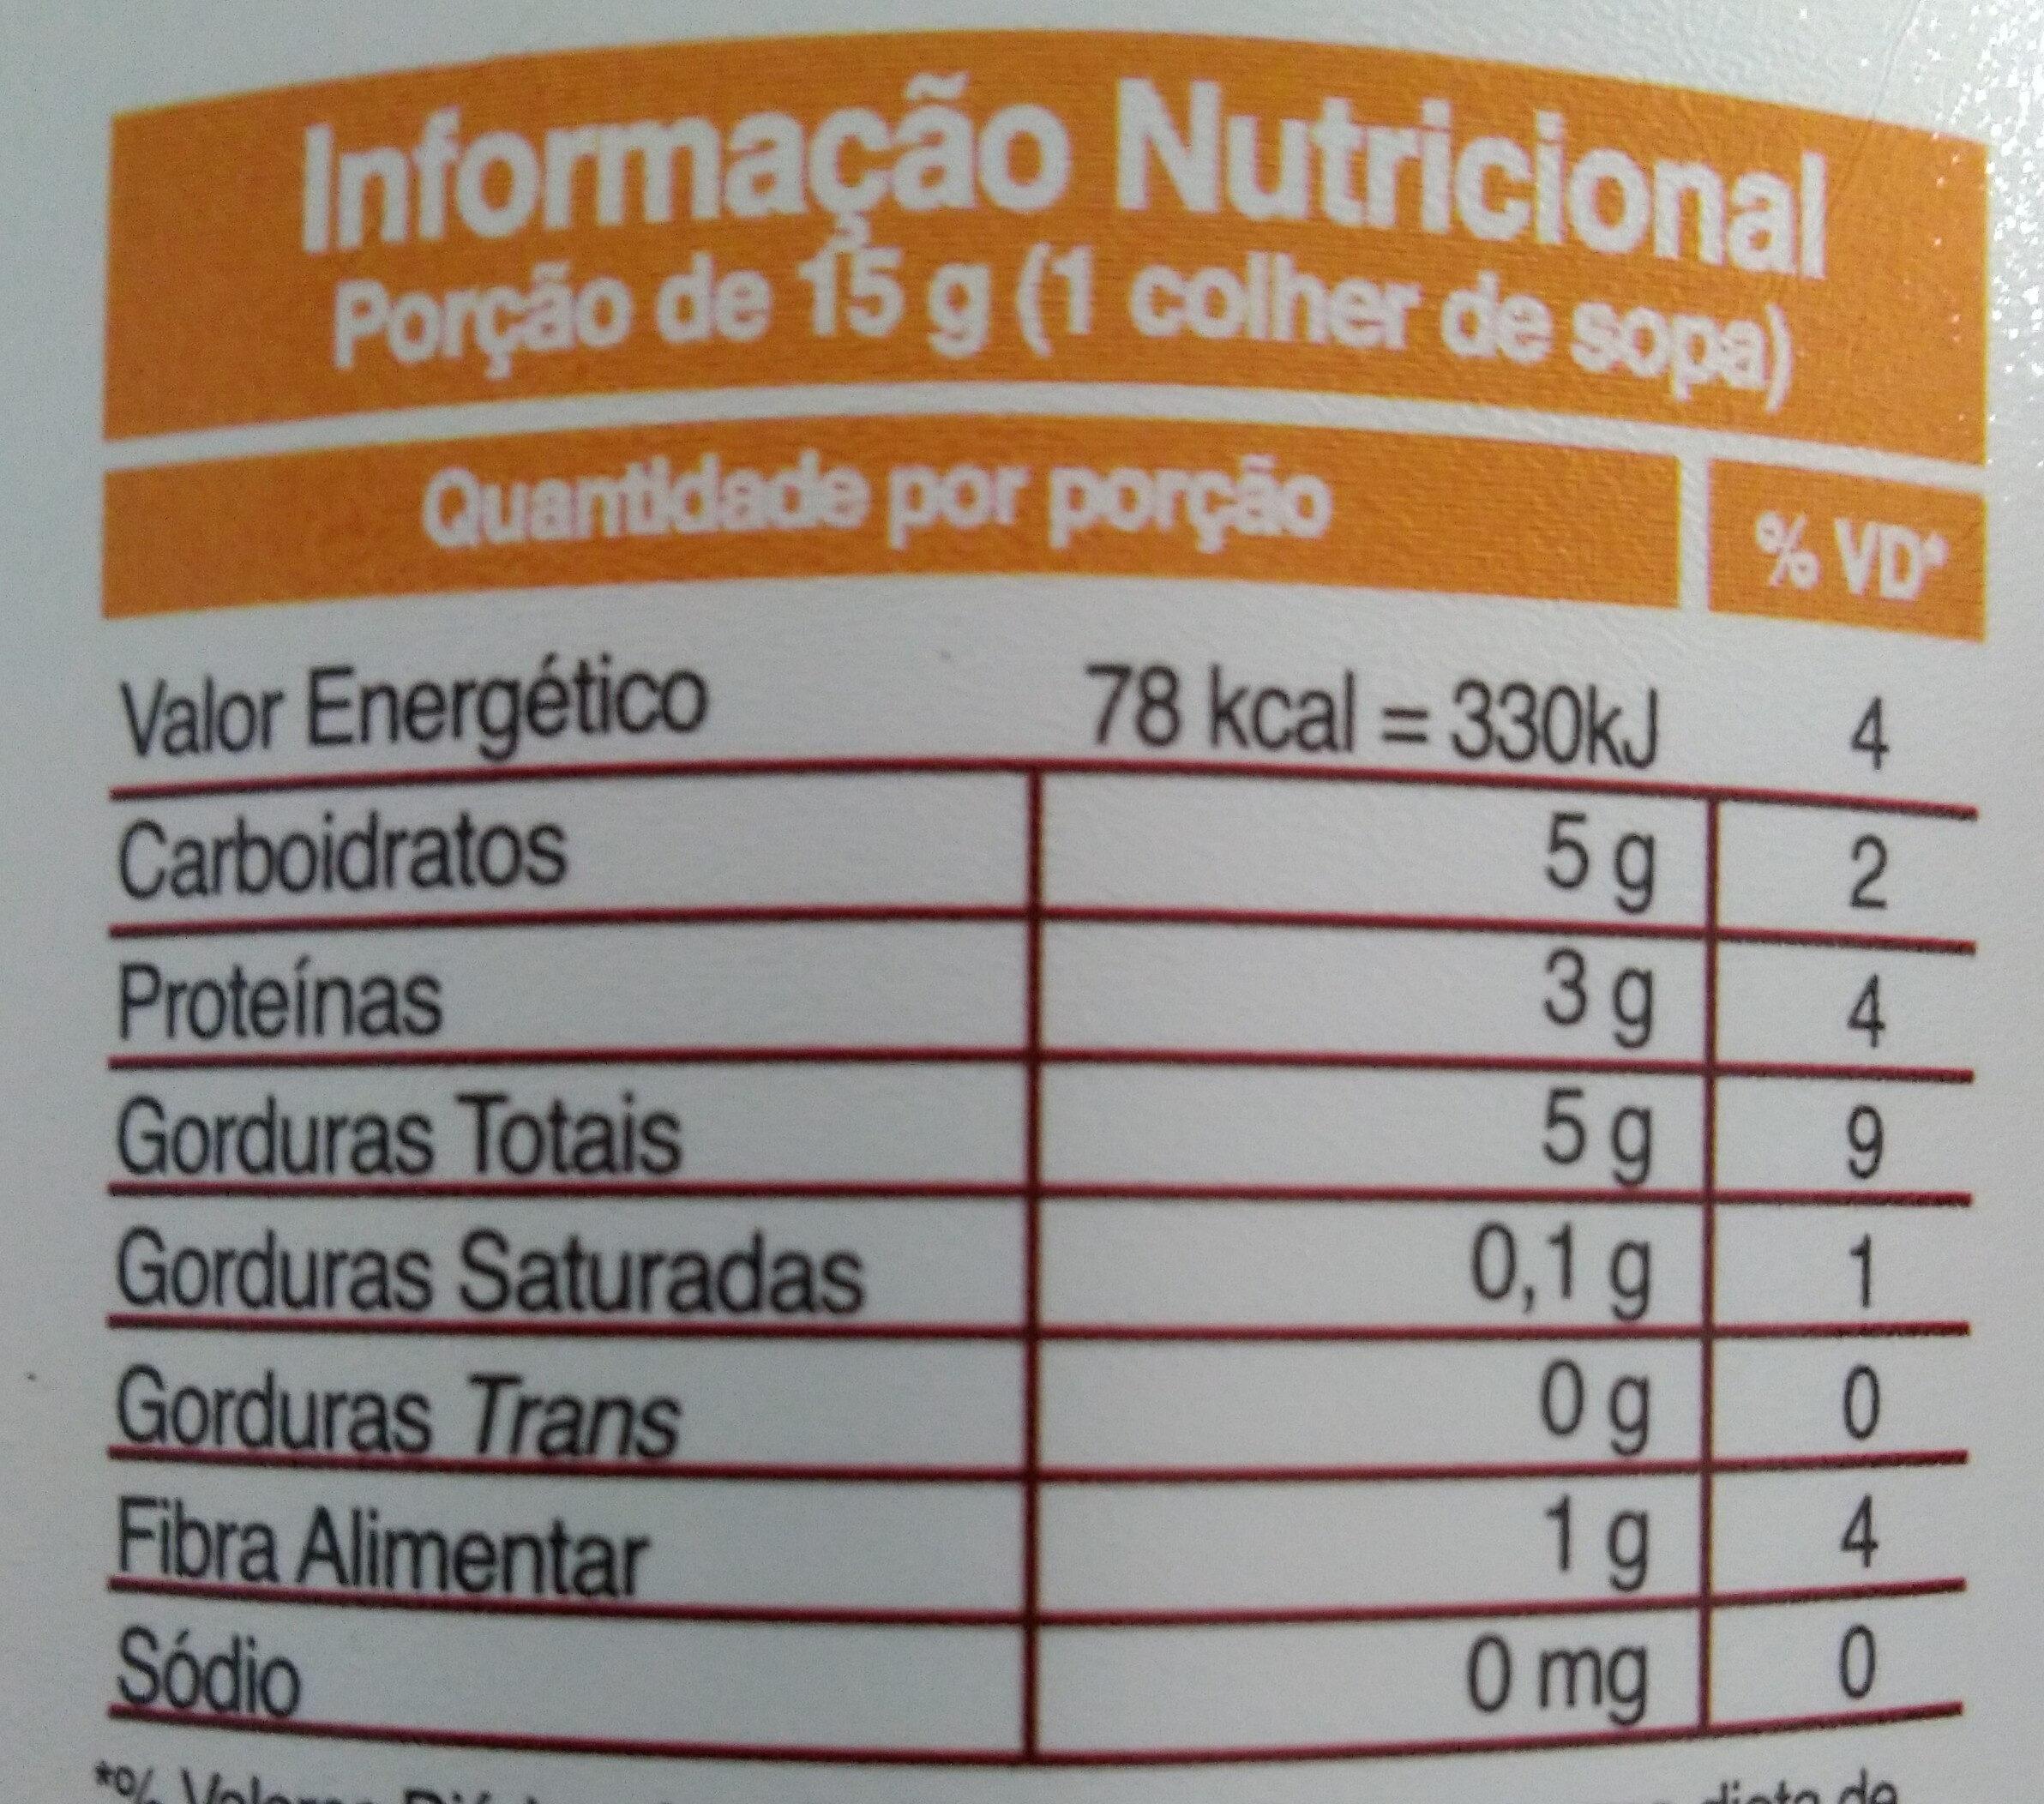 Pasta de amendoim integral com cacau - Informação nutricional - pt